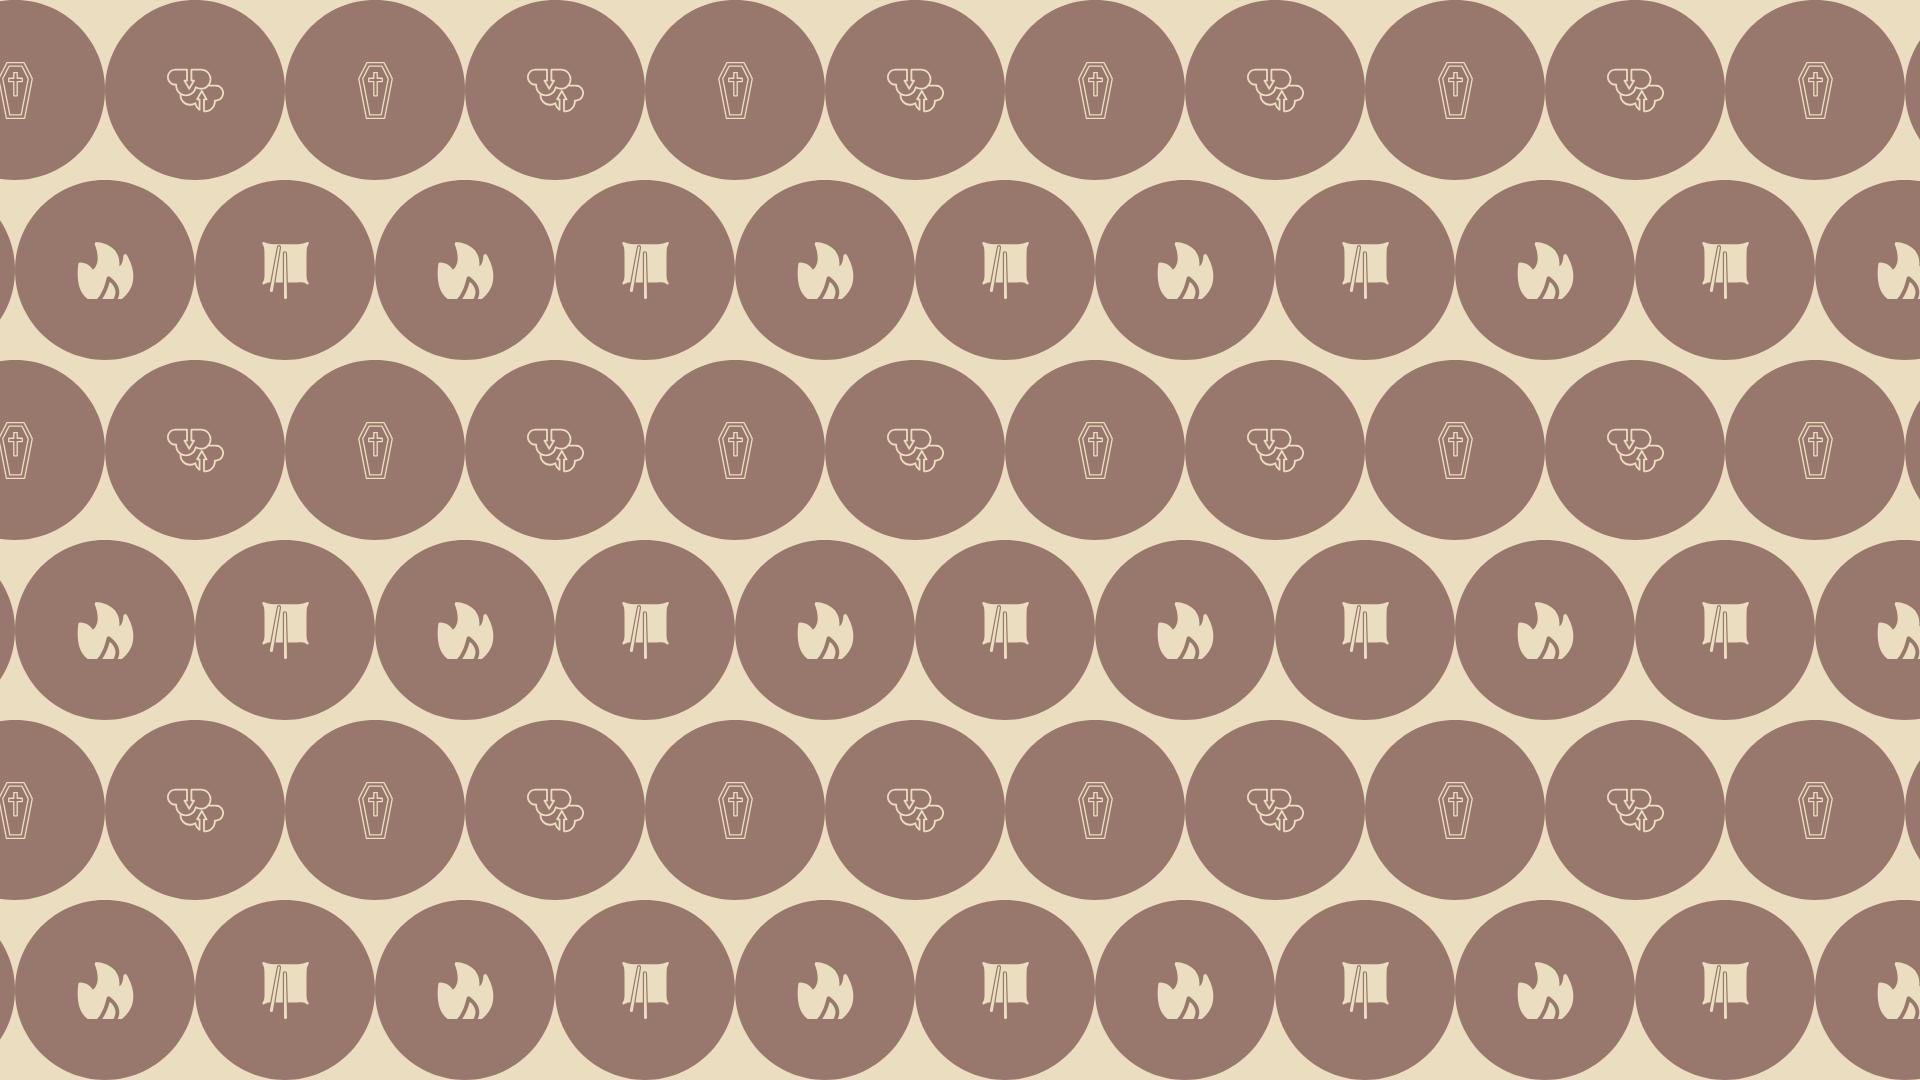 Pink, Pattern, Brown, Design, Font, Line, Circle, View, Hot, Upload, Drum, Data, Chopsticks,  Free Image